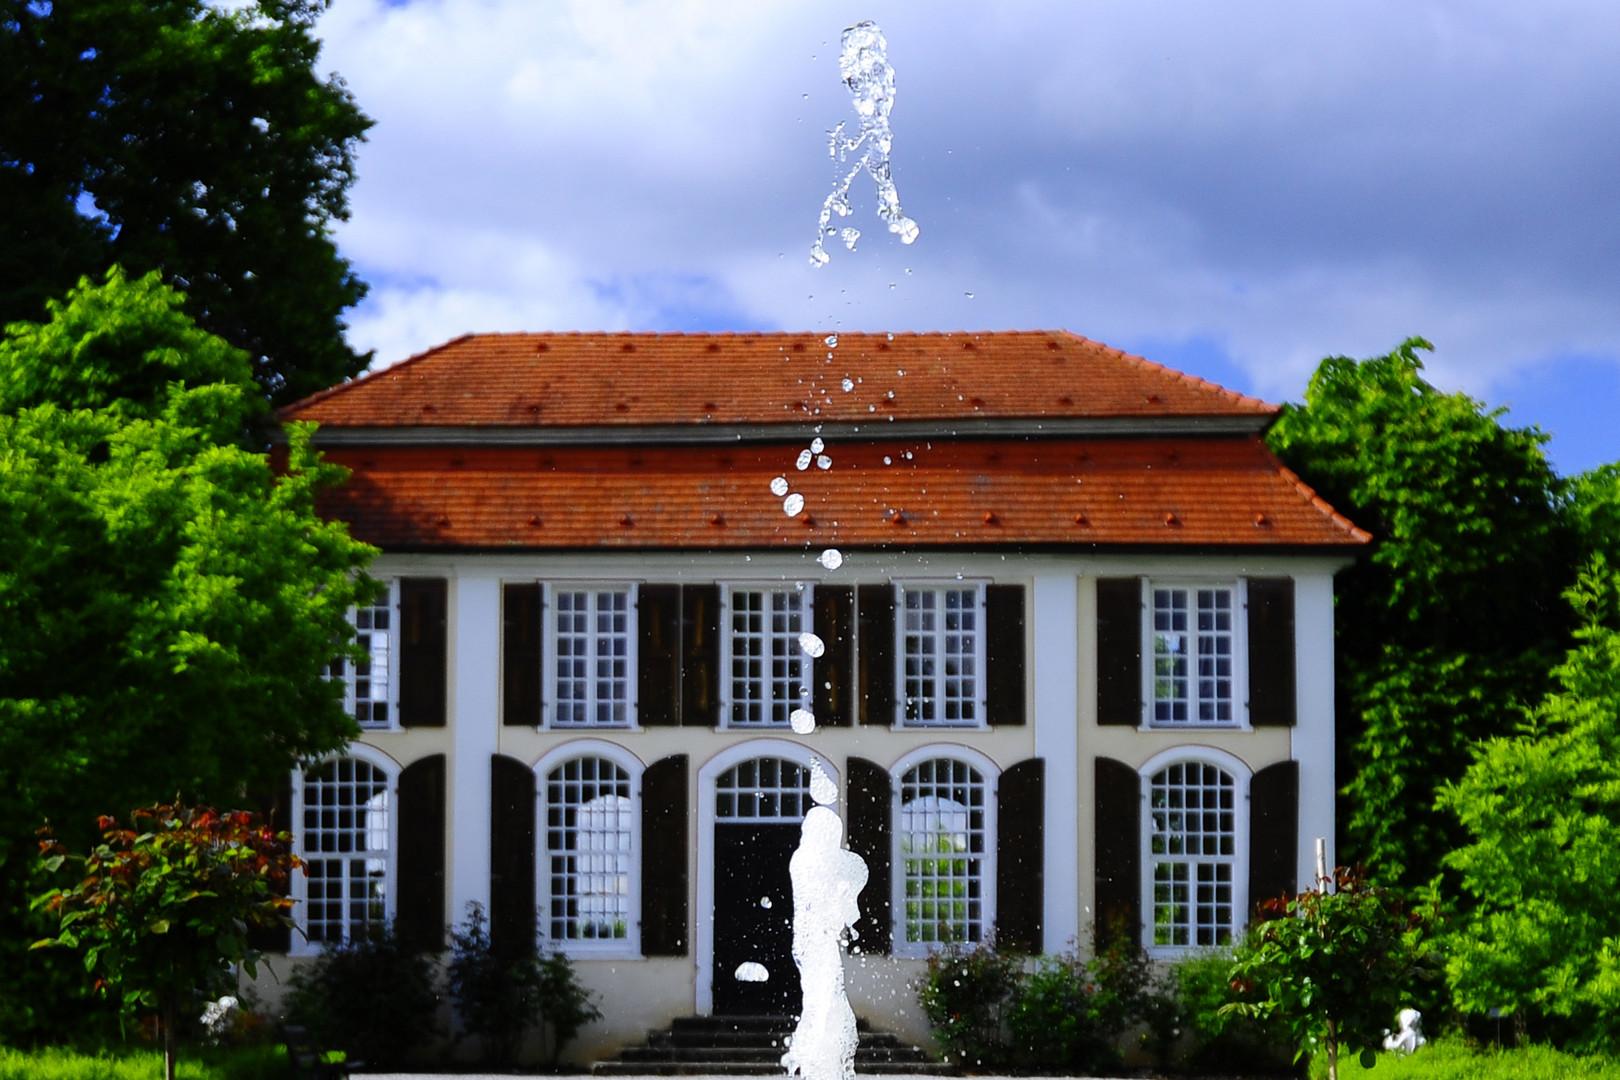 Lusthaus im Heckengarten Hohenstadt